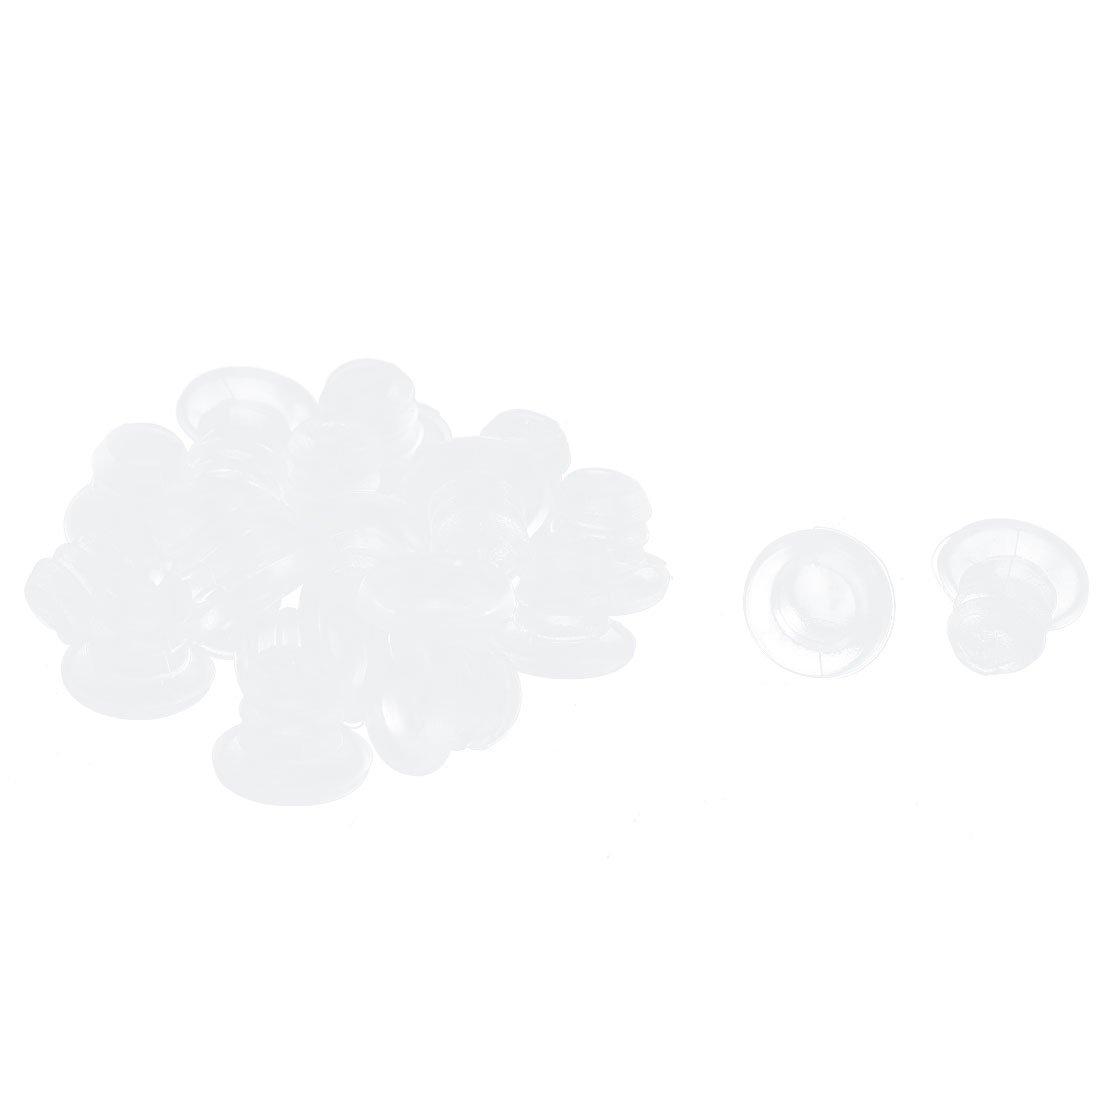 Insert du Tube en plastique bouchon d'obturation de tuyaux embout rond Transparent 5 mm-Lot de 20 Sourcingmap a15060600ux0111